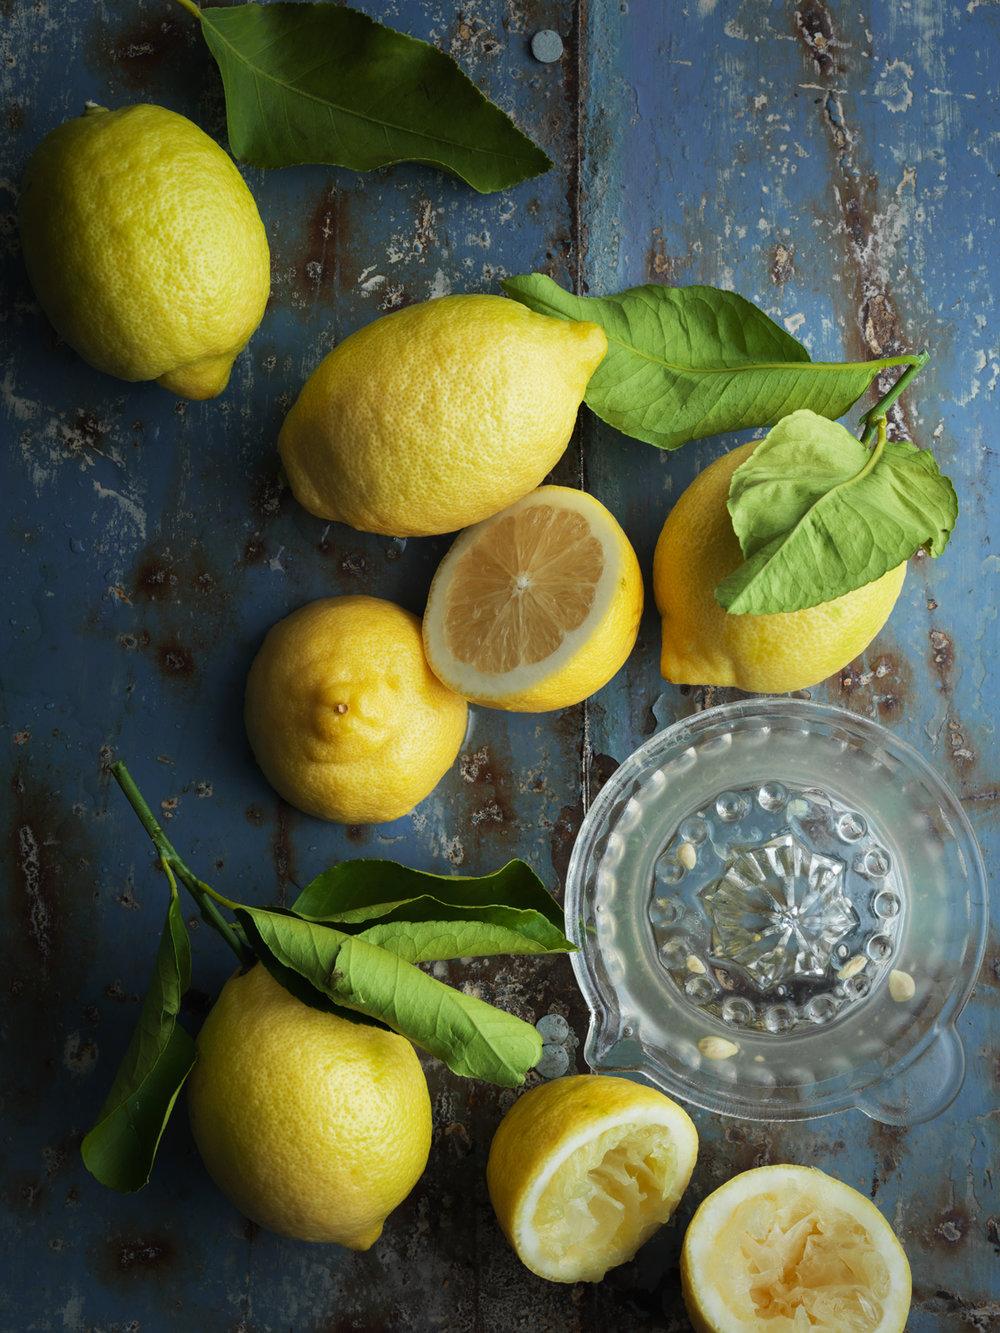 Waitrose_Lemons_20.10.16_Opener - 340.jpg